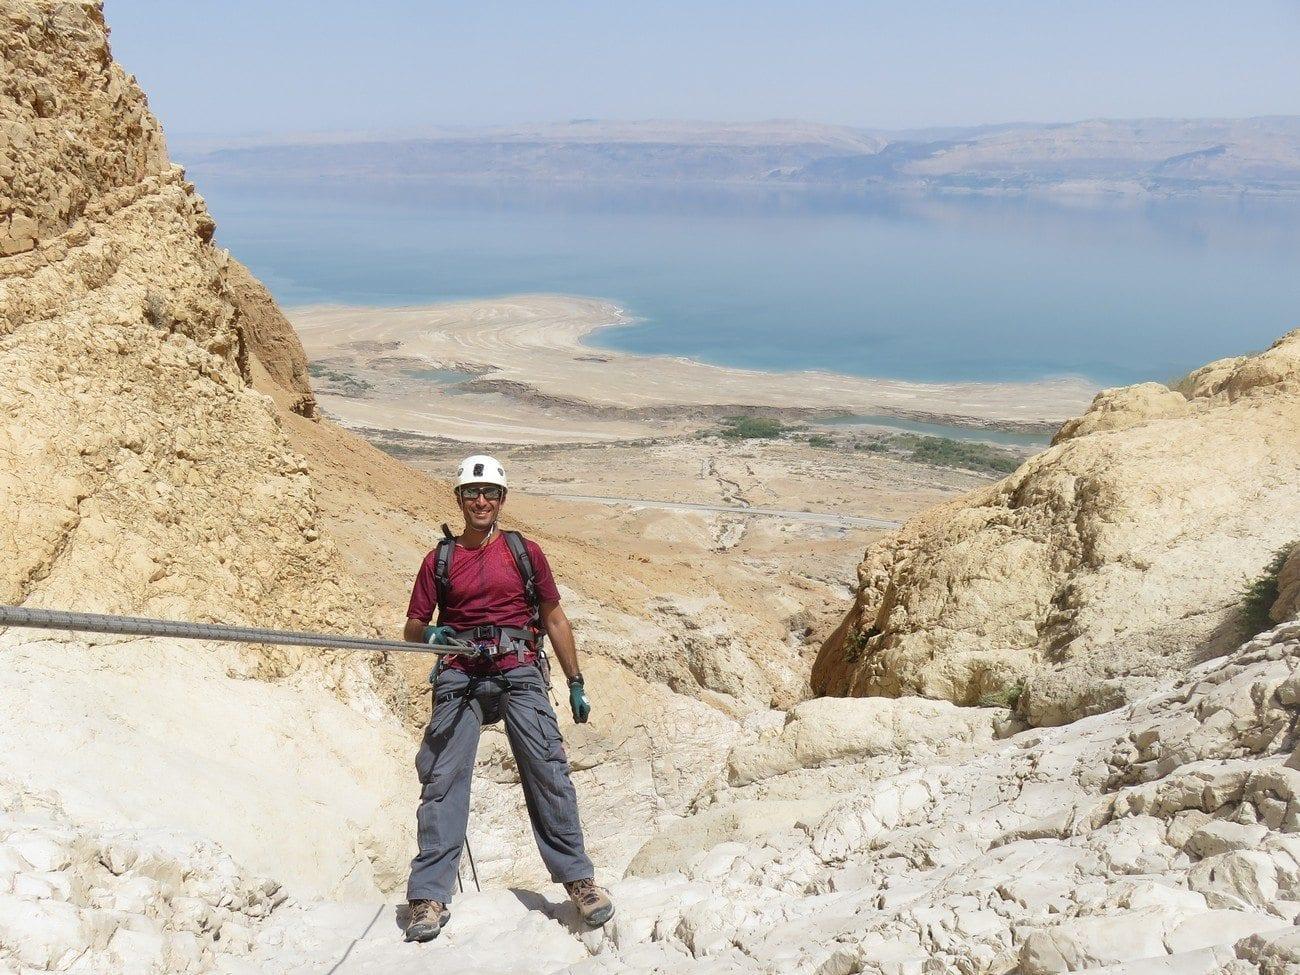 סנפלינג במדבר יהודה - נחל טור עם ערוצים בטבע